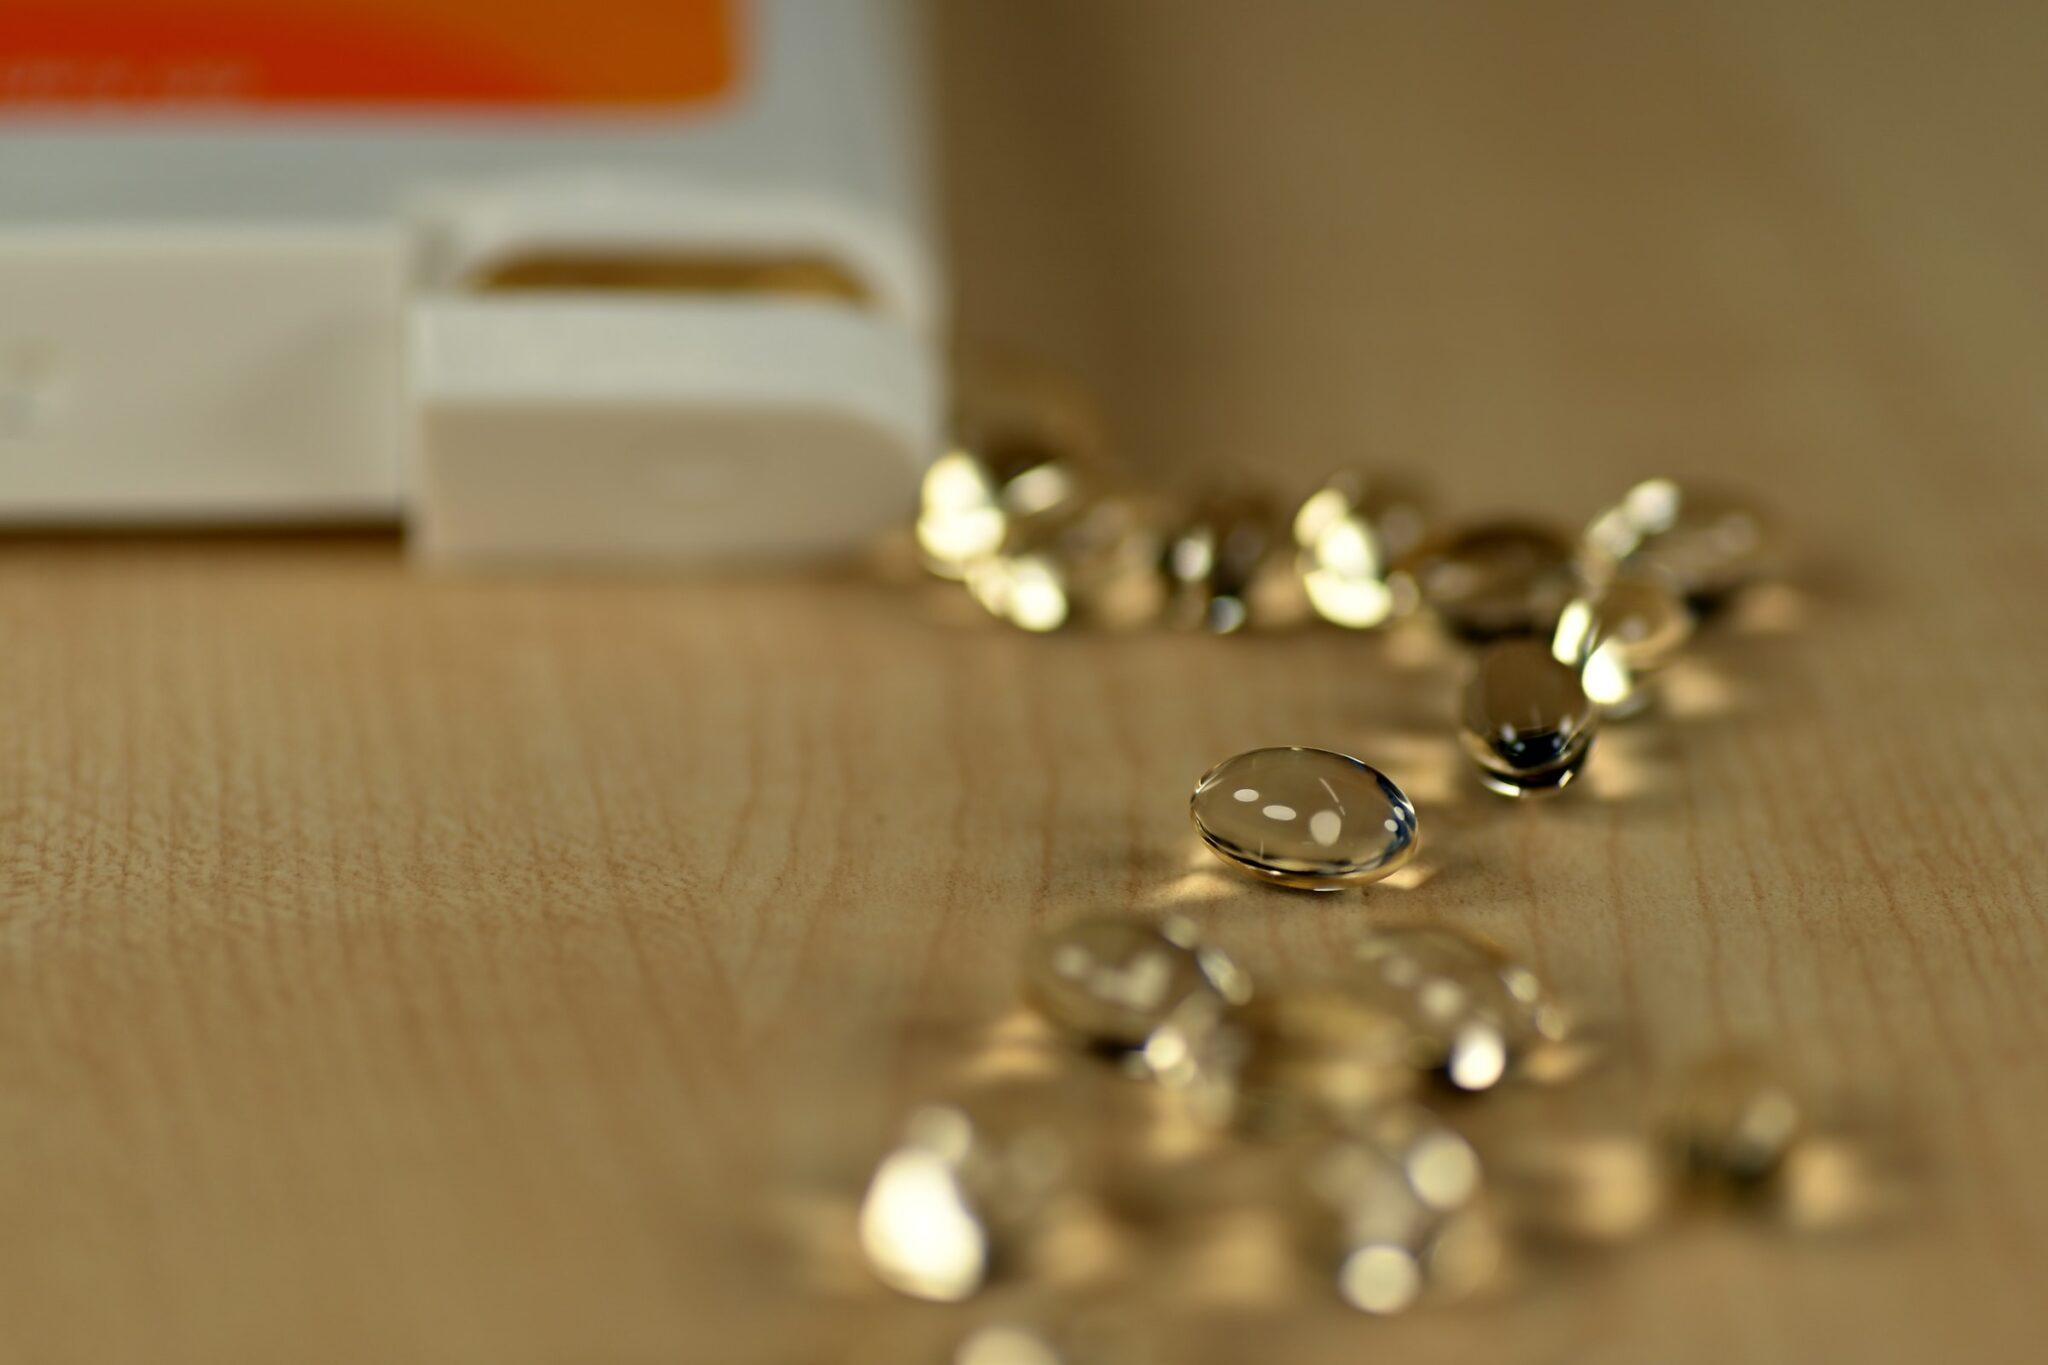 Vitamin D Kapseln auf einem Tisch.